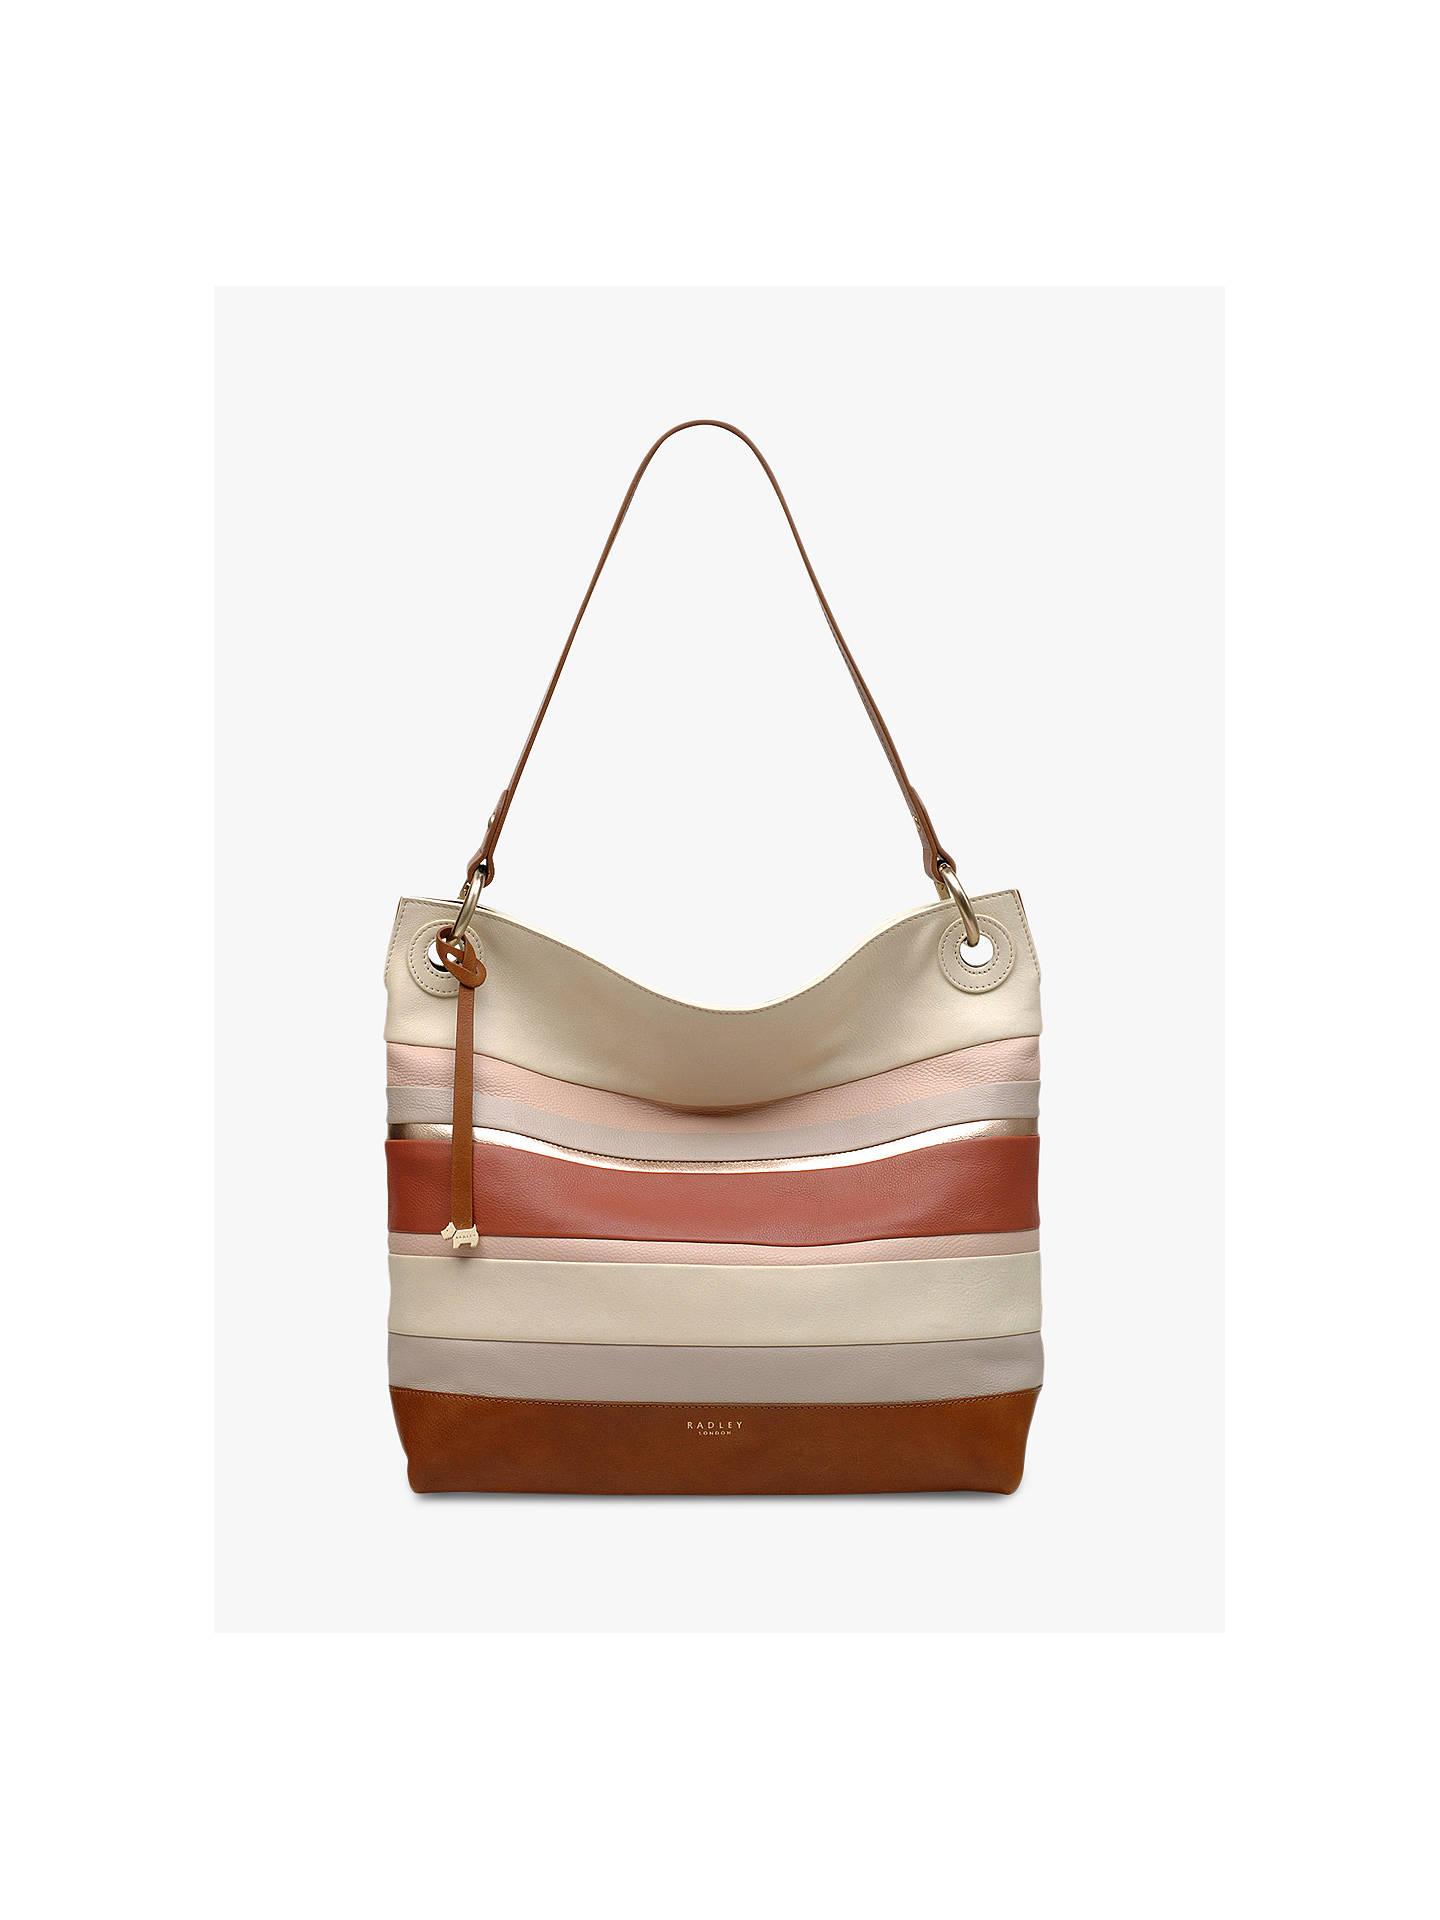 b5470c8af Buy Radley Eaton Hall Large Leather Hobo Bag, Neutral/Multi Online at  johnlewis.